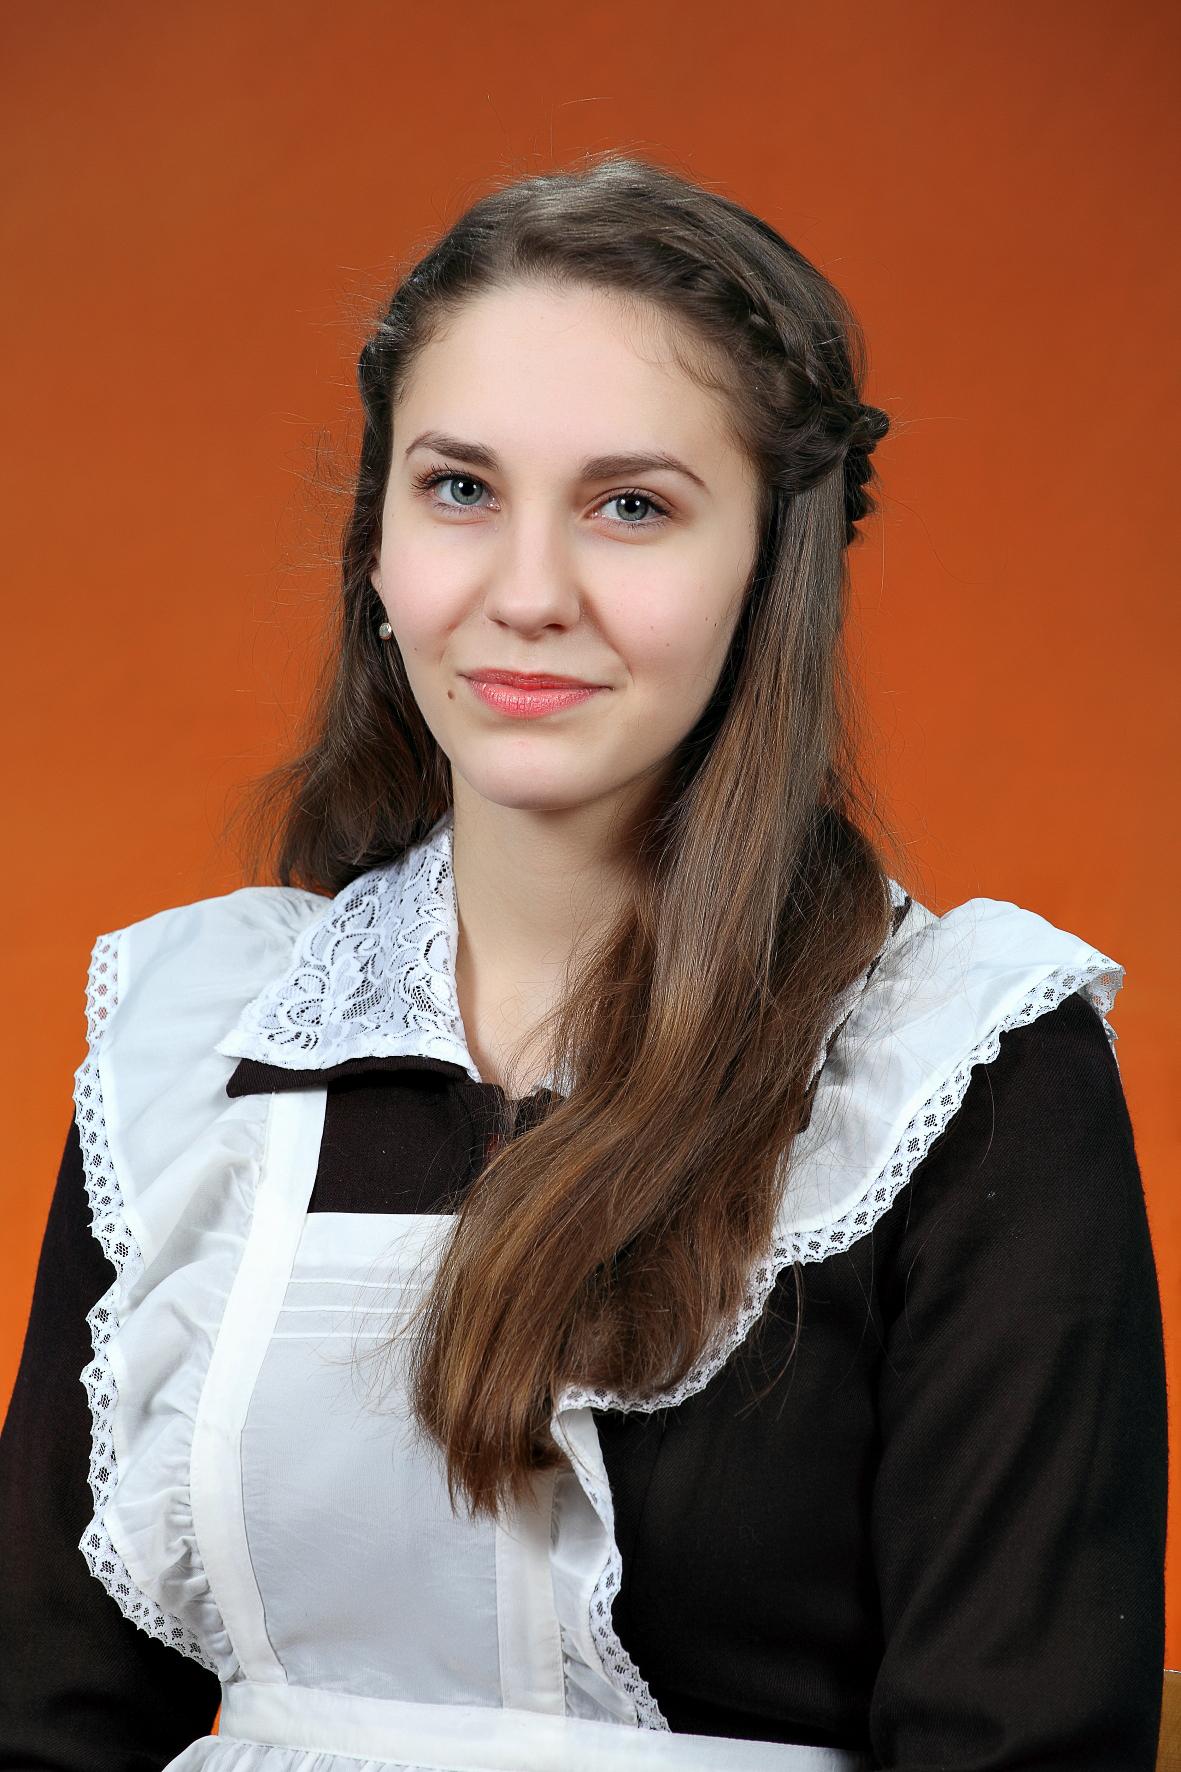 №12. Анна Степанова, 18 лет. Новгородский район.